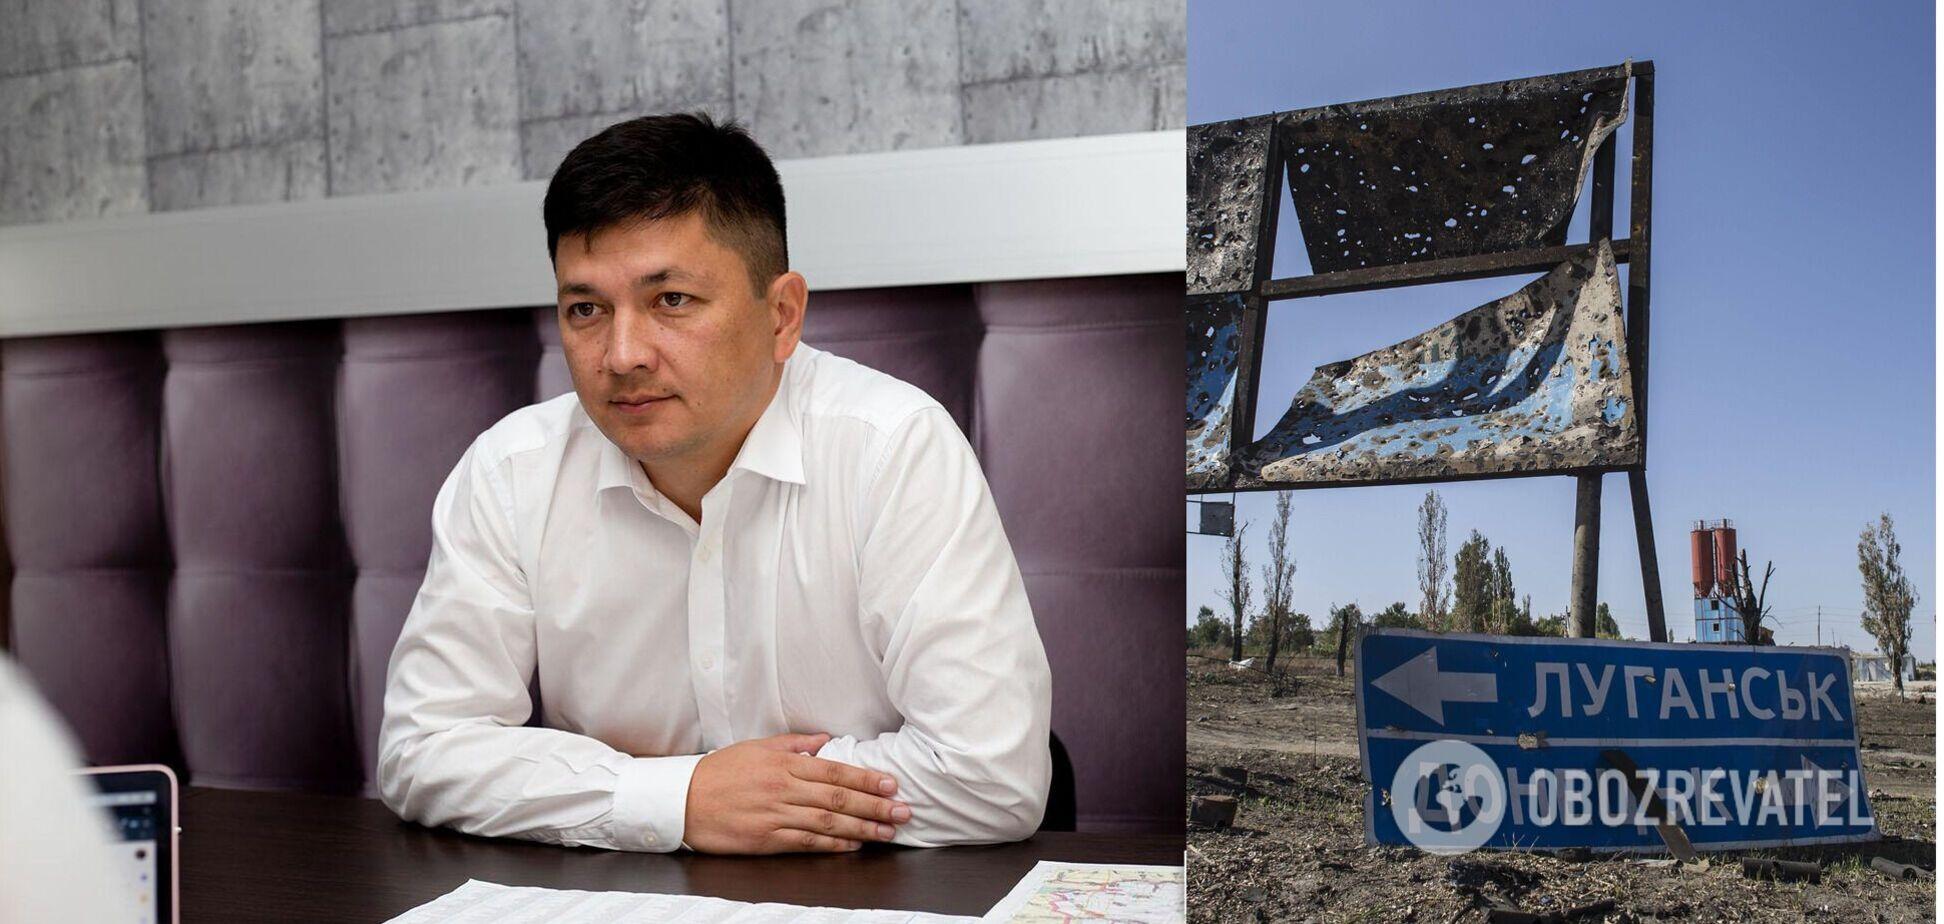 Виталий Ким высказал свое мнение о ситуации на Донбассе